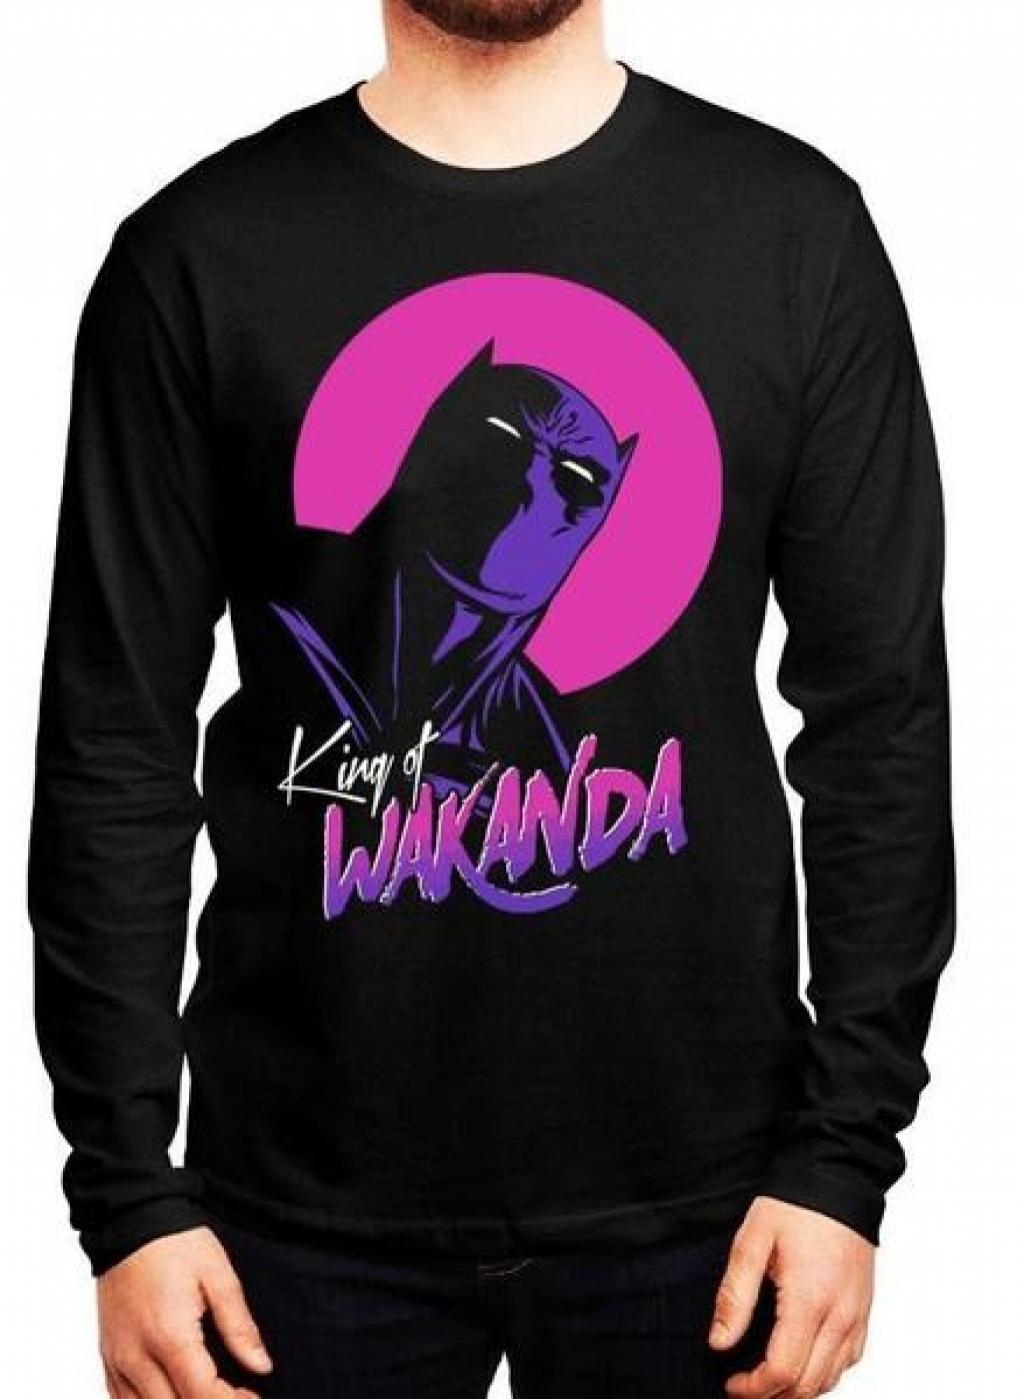 16025906330_t-shirt-design-for-men-branded-t-shirt-for-men-online-shopping-in-pakistan.jpg